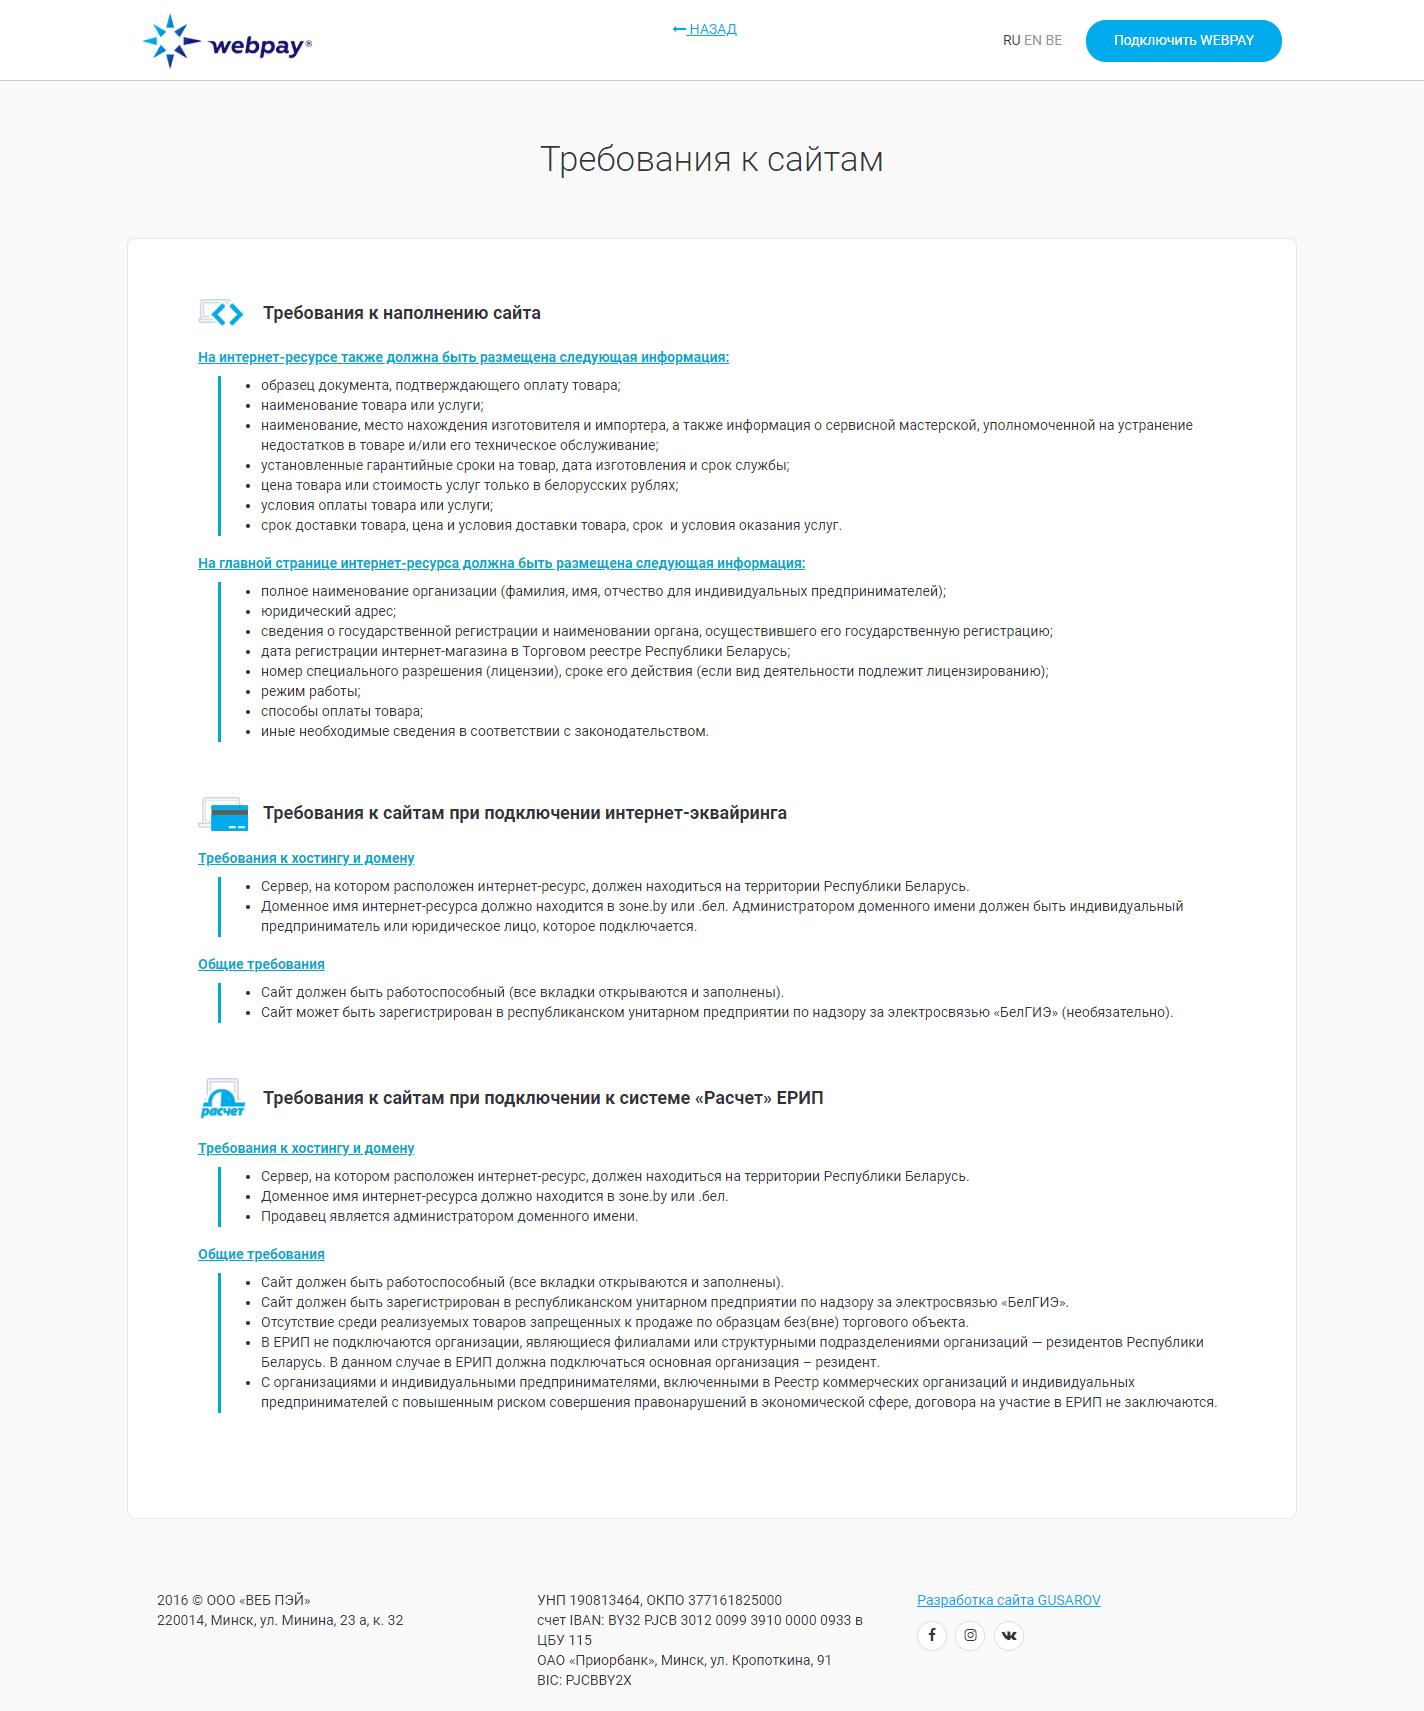 Требования к сайтам